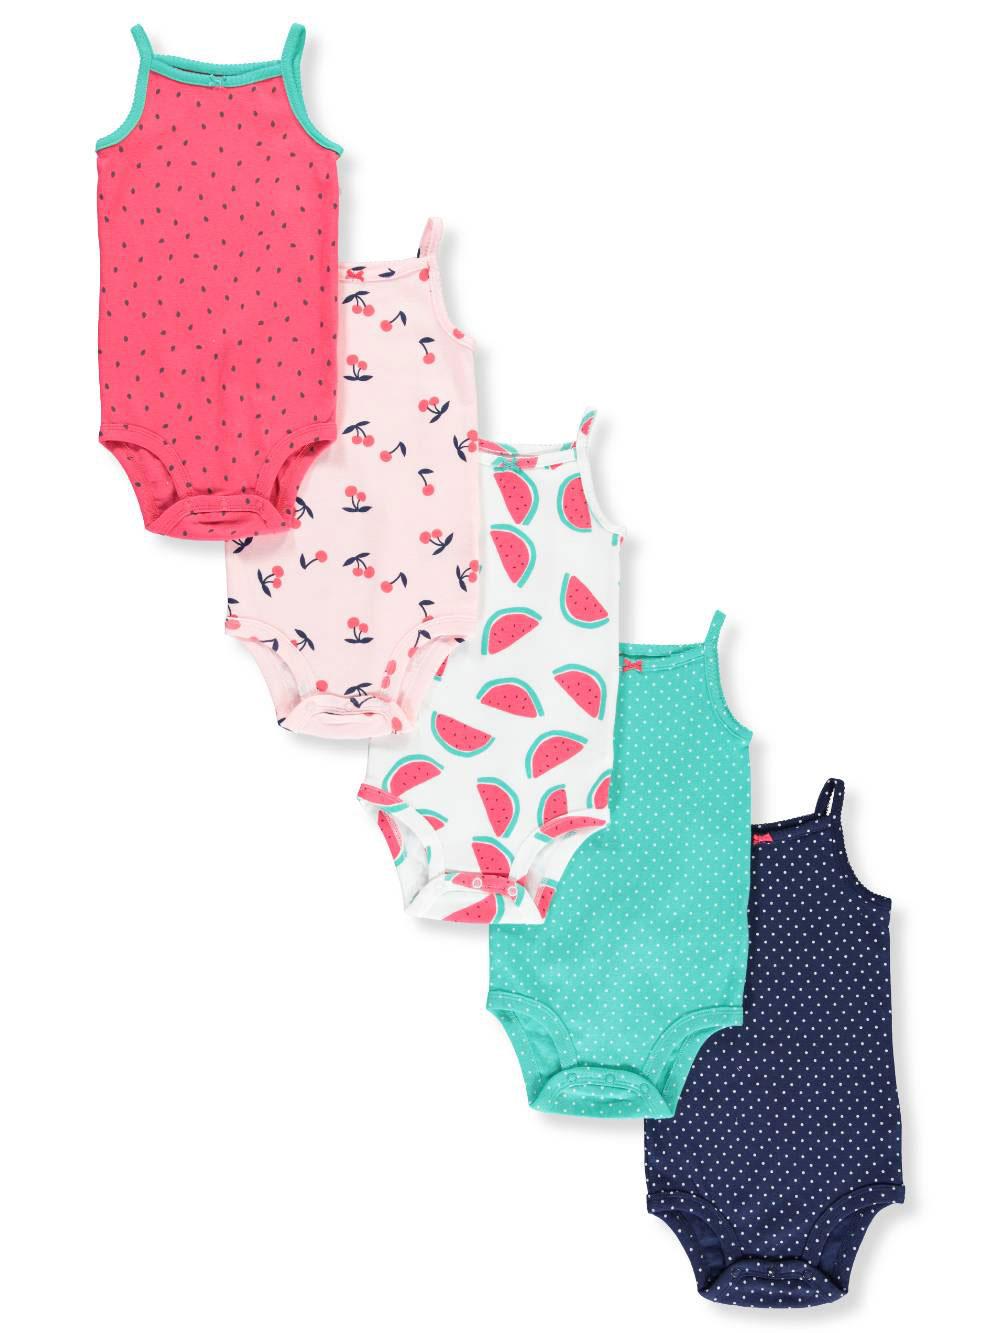 Carter S Baby Girls 5 Pack Sleeveless Bodysuits